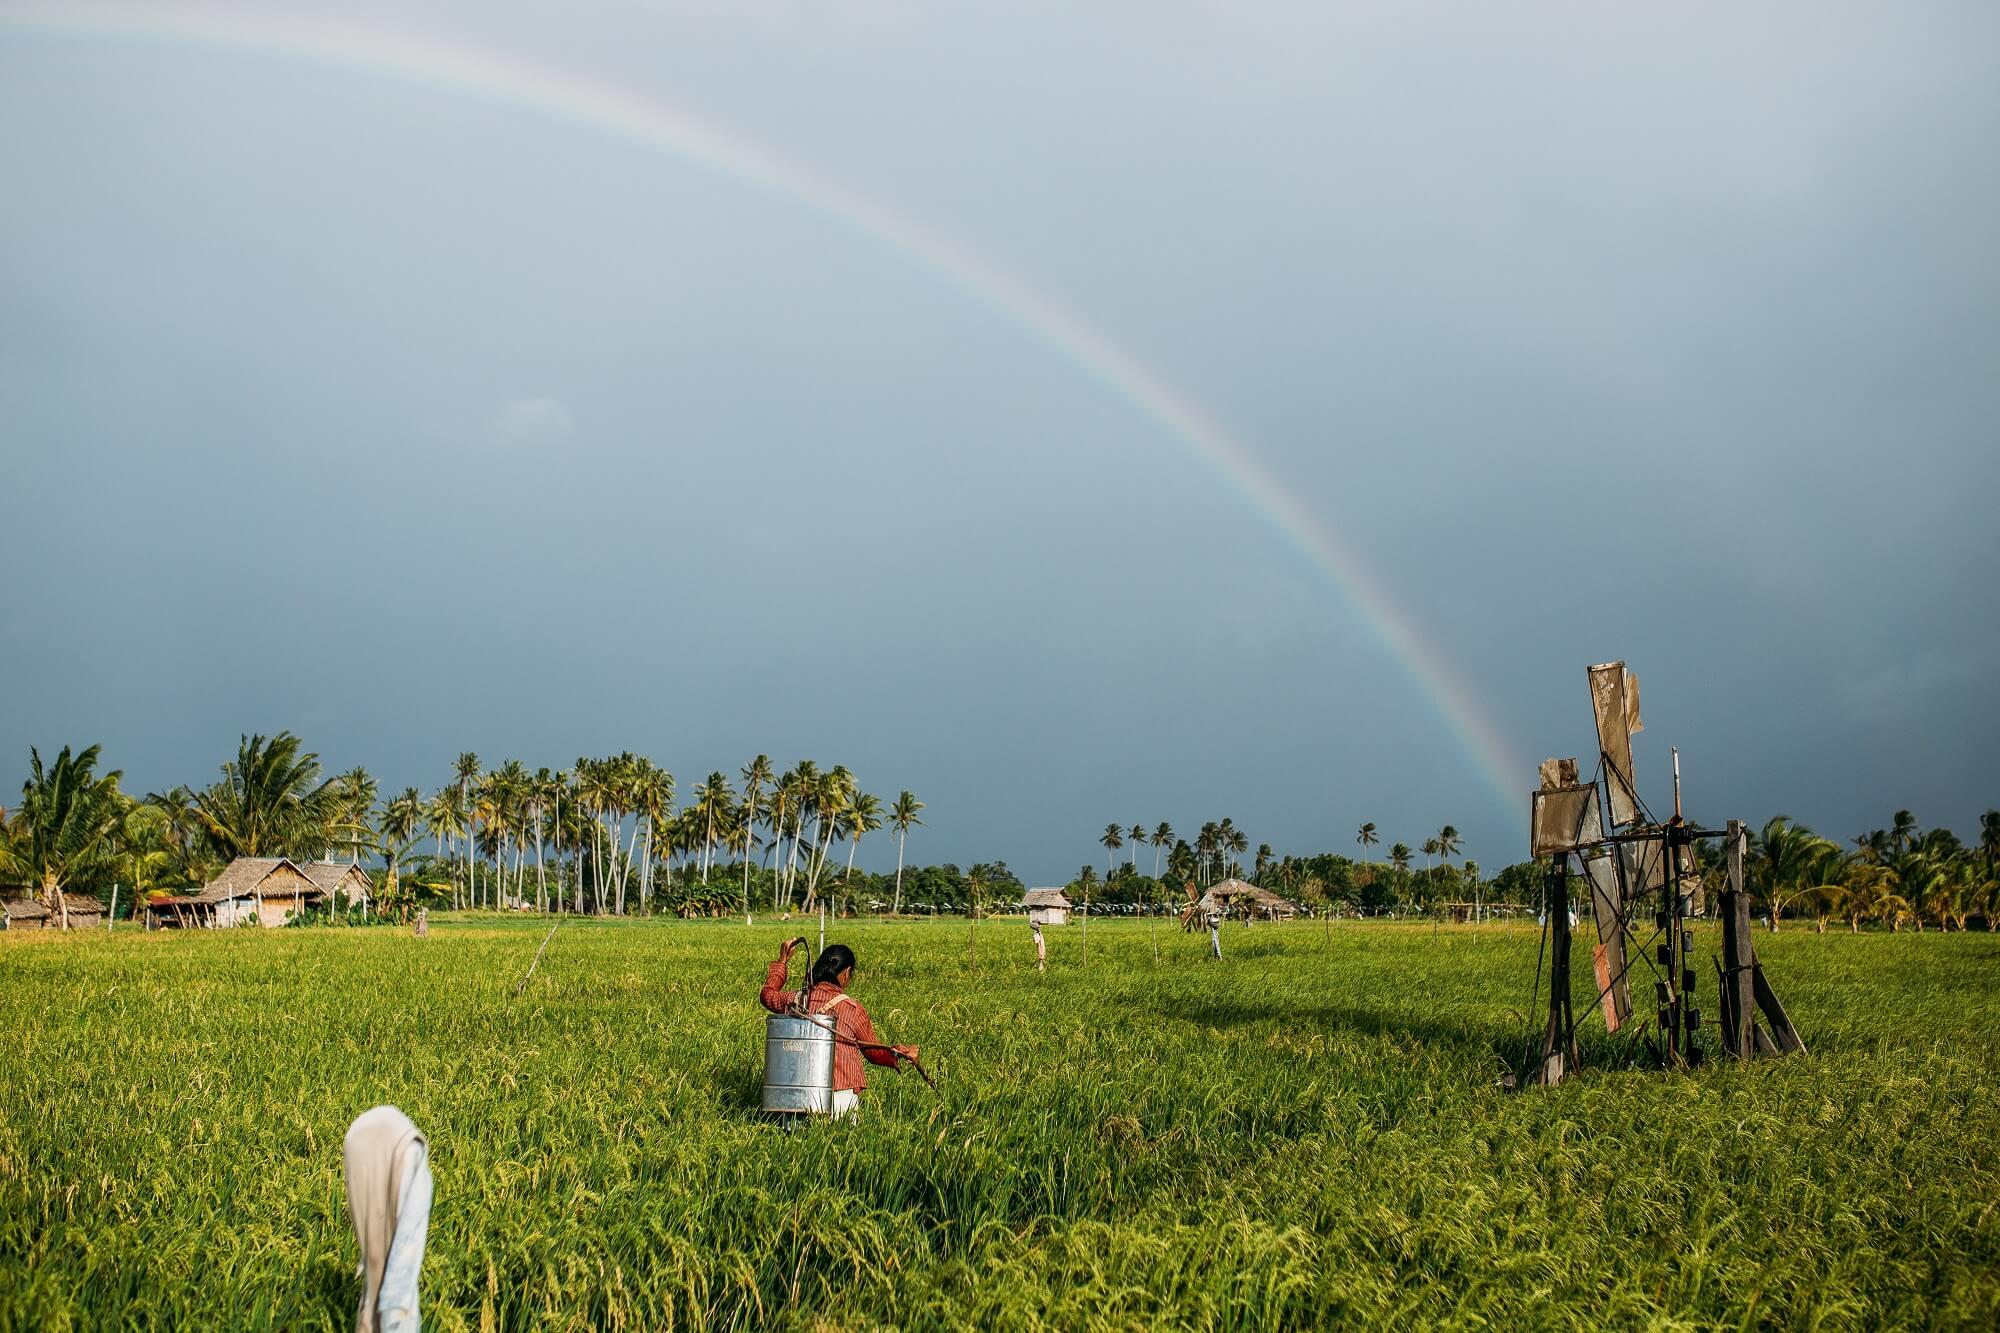 fumigating rice field farm